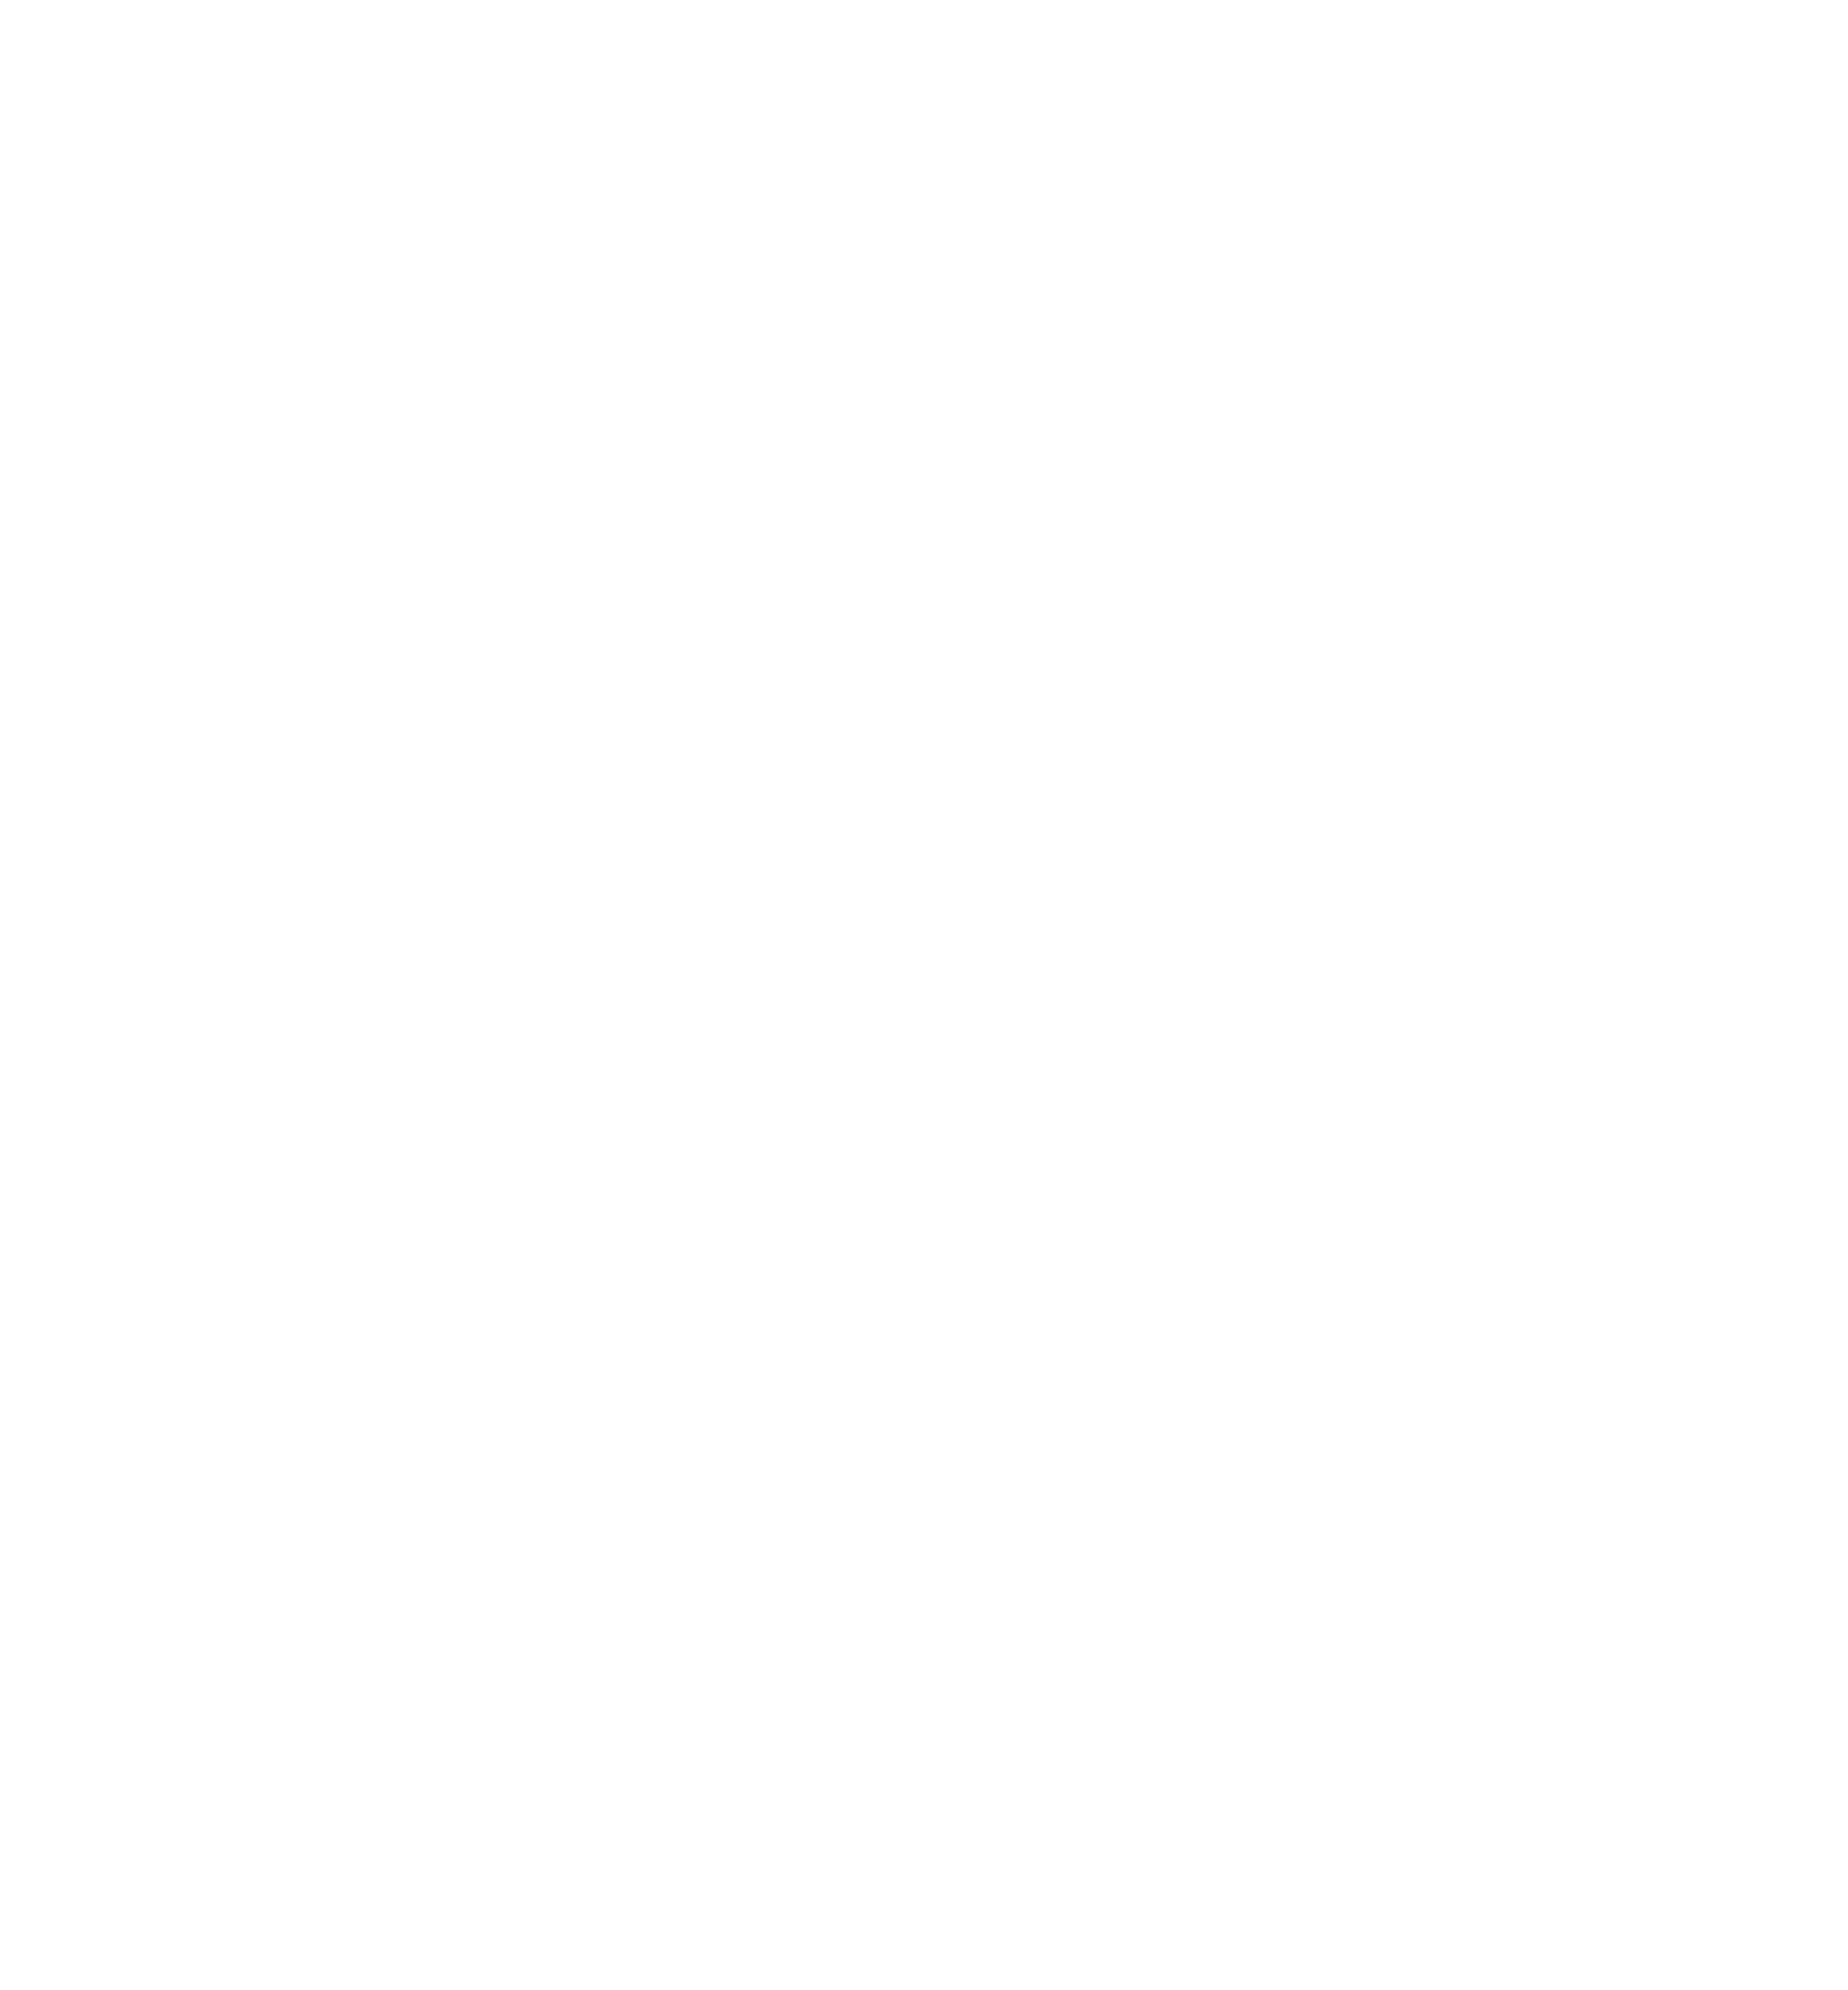 PAMDCC